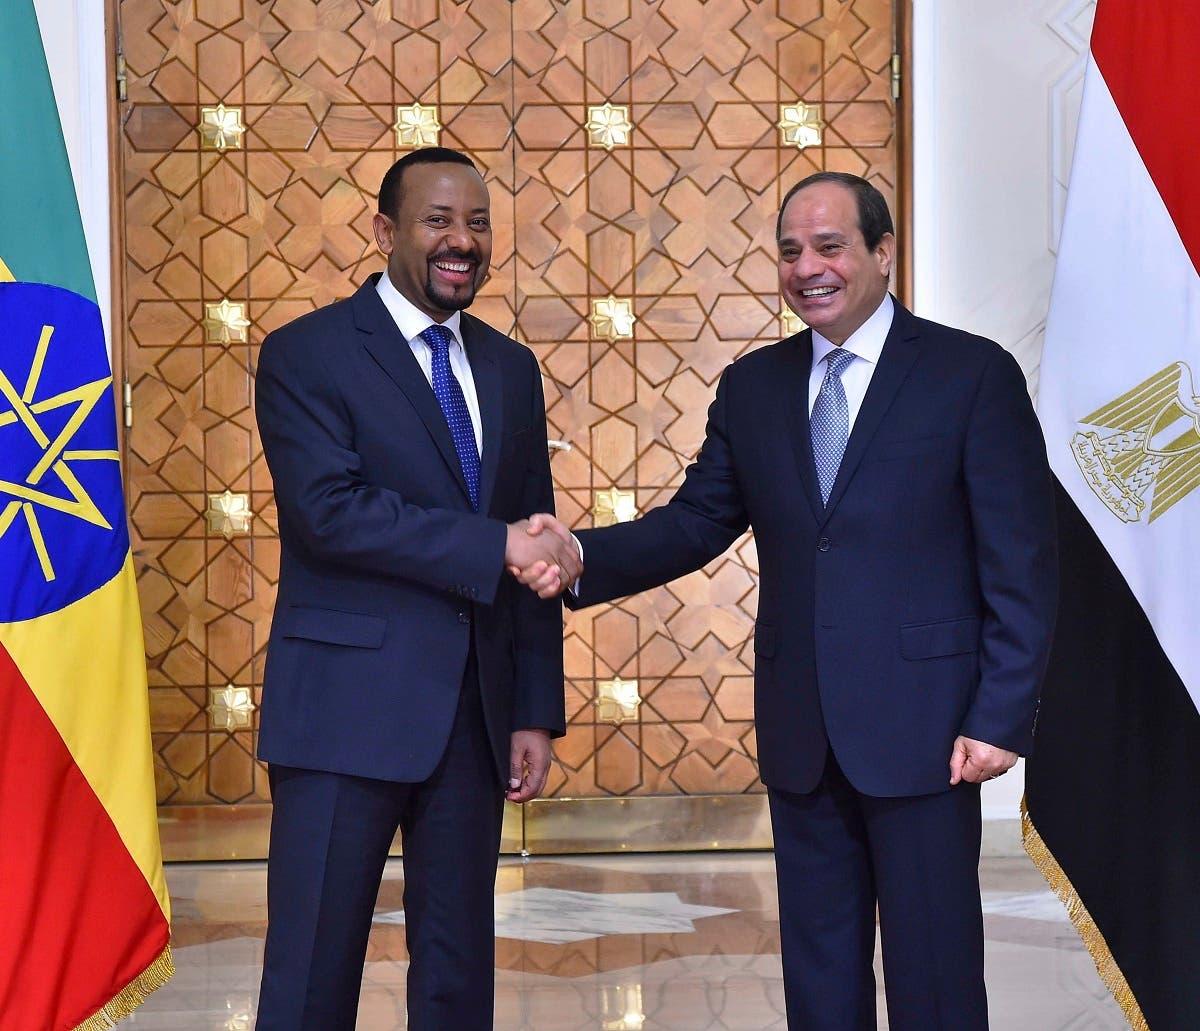 الرئيس المصري عبدالفتاح السيسي ورئيس الوزراء الإثيوبي آبي أحمد